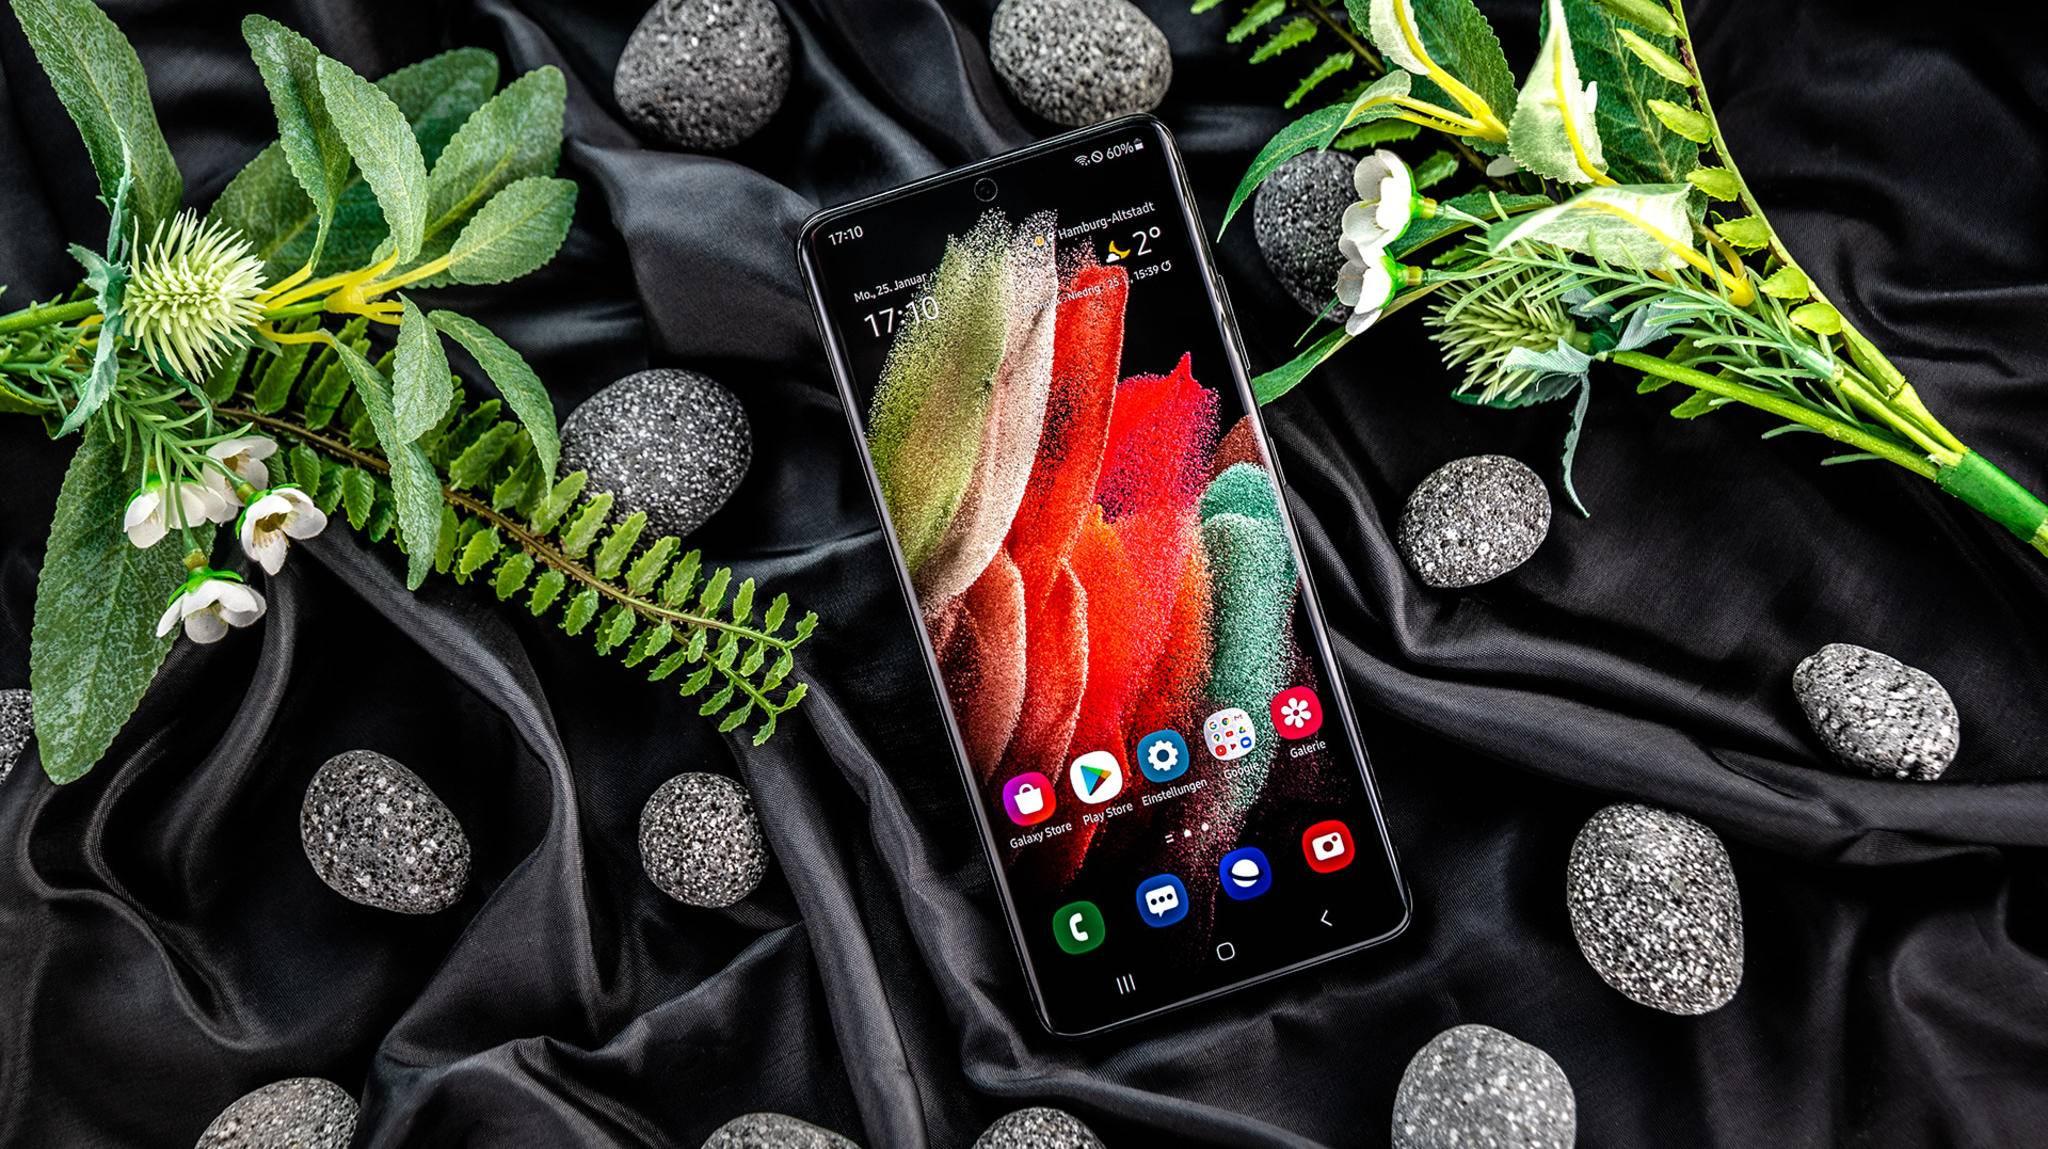 Samsung-Smartphones wie das Galaxy S21 Ultra können recht einfach zurückgesetzt werden.